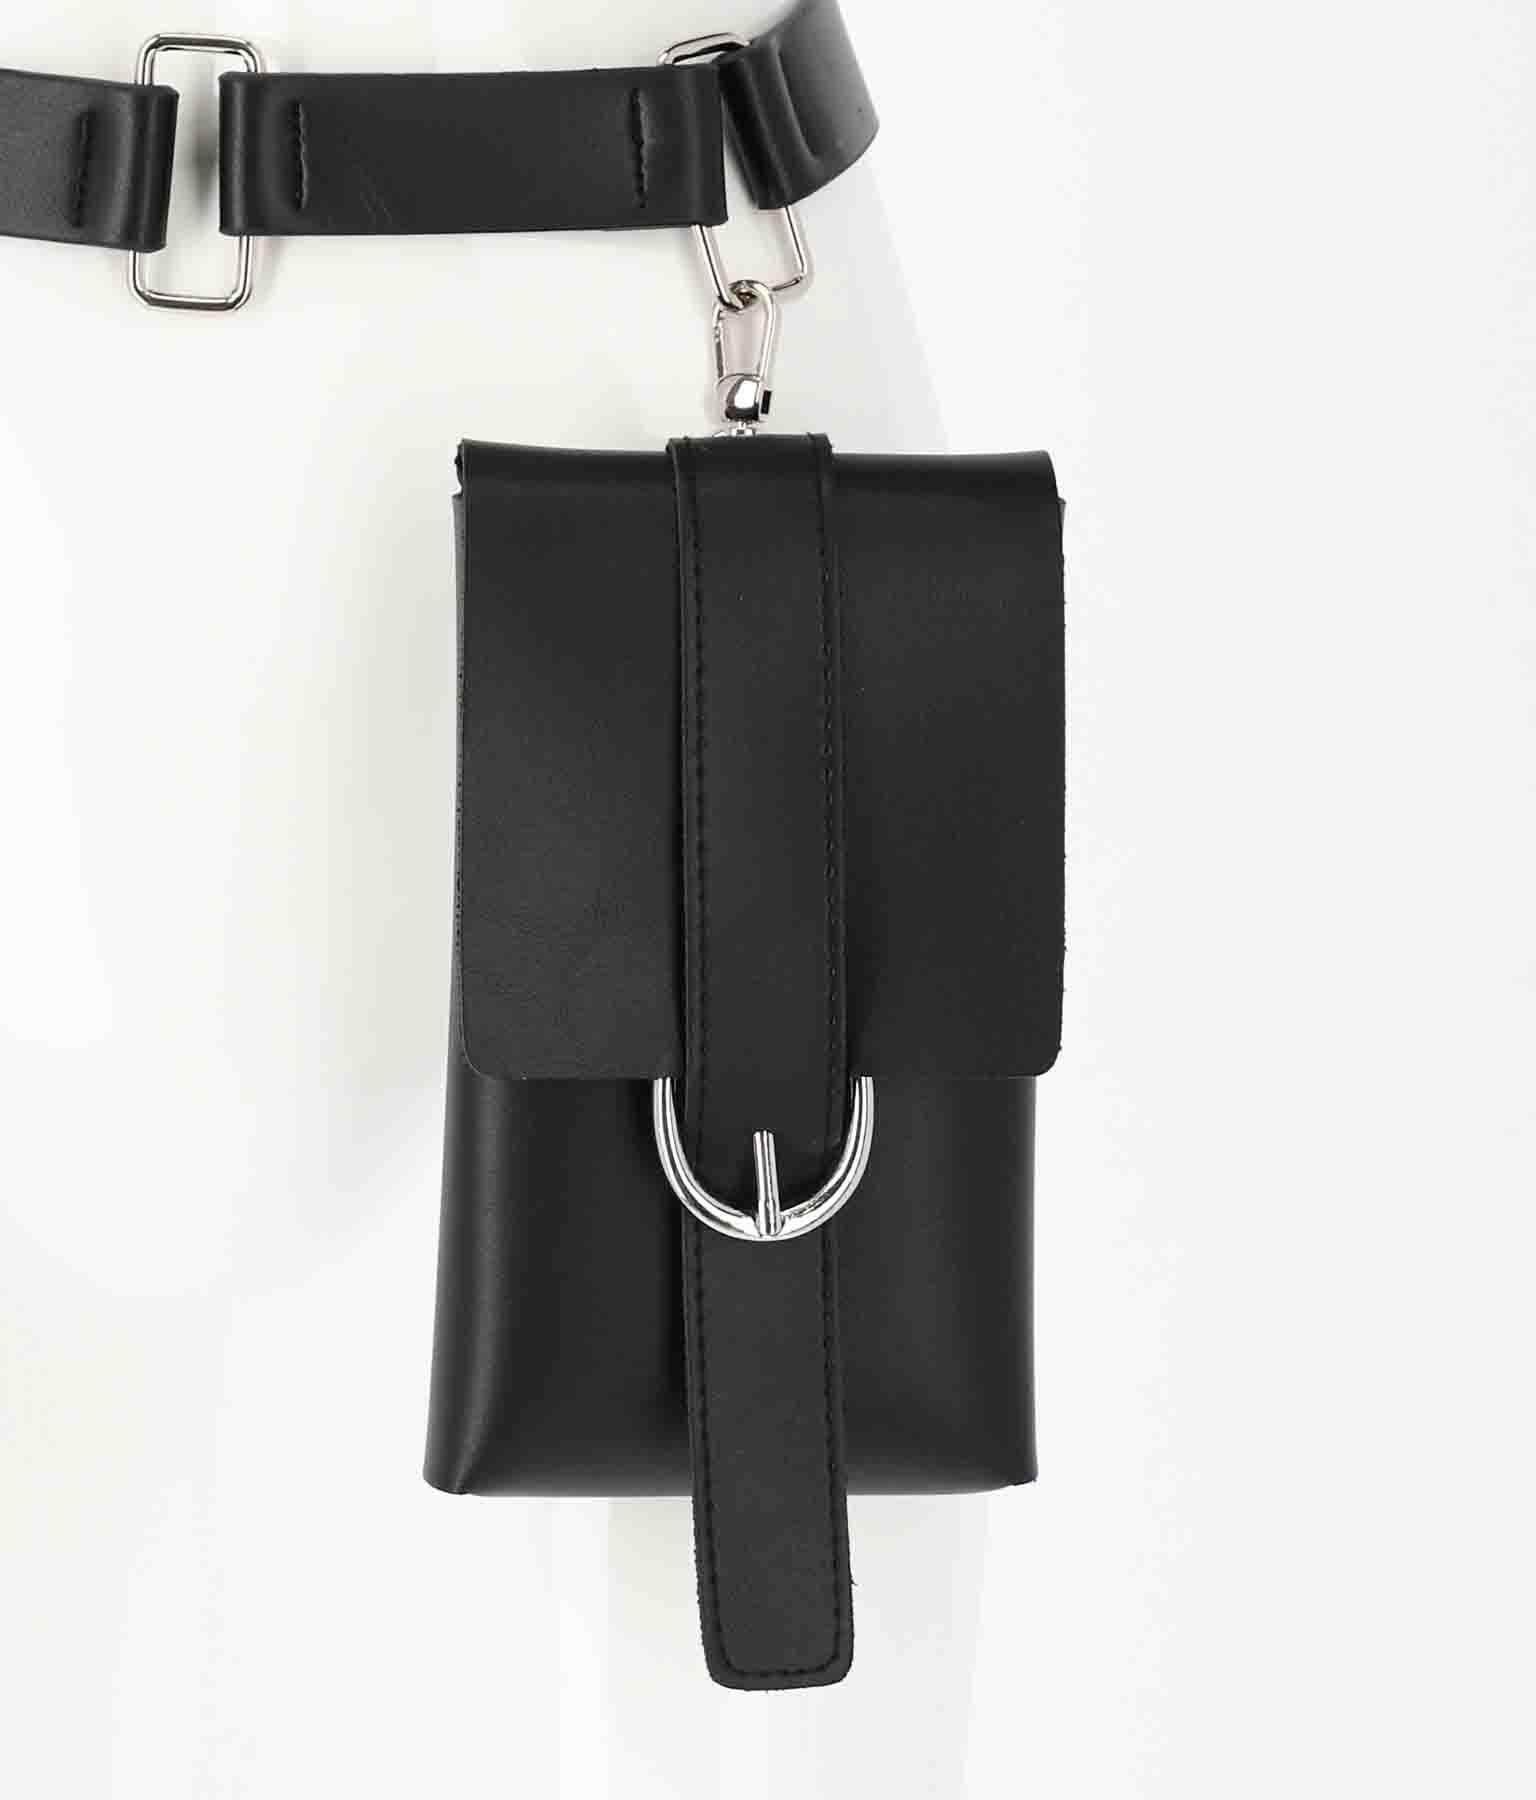 ポーチ付きチェーンベルト(ファッション雑貨/ベルト) | ANAP